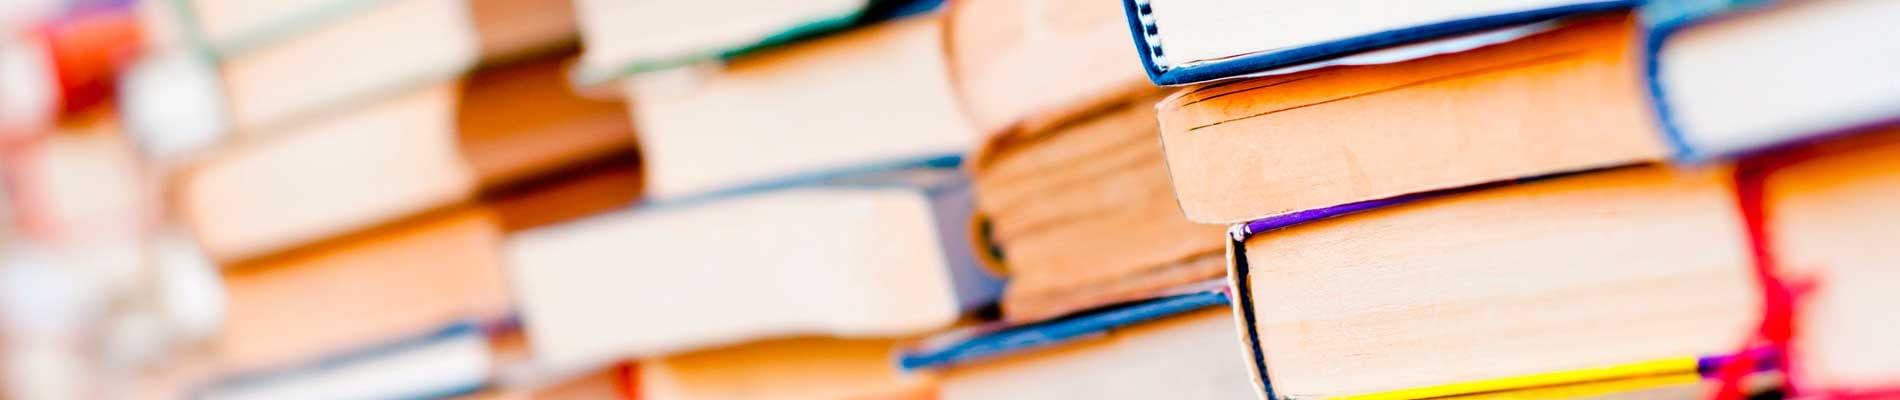 Lingüística y literatura